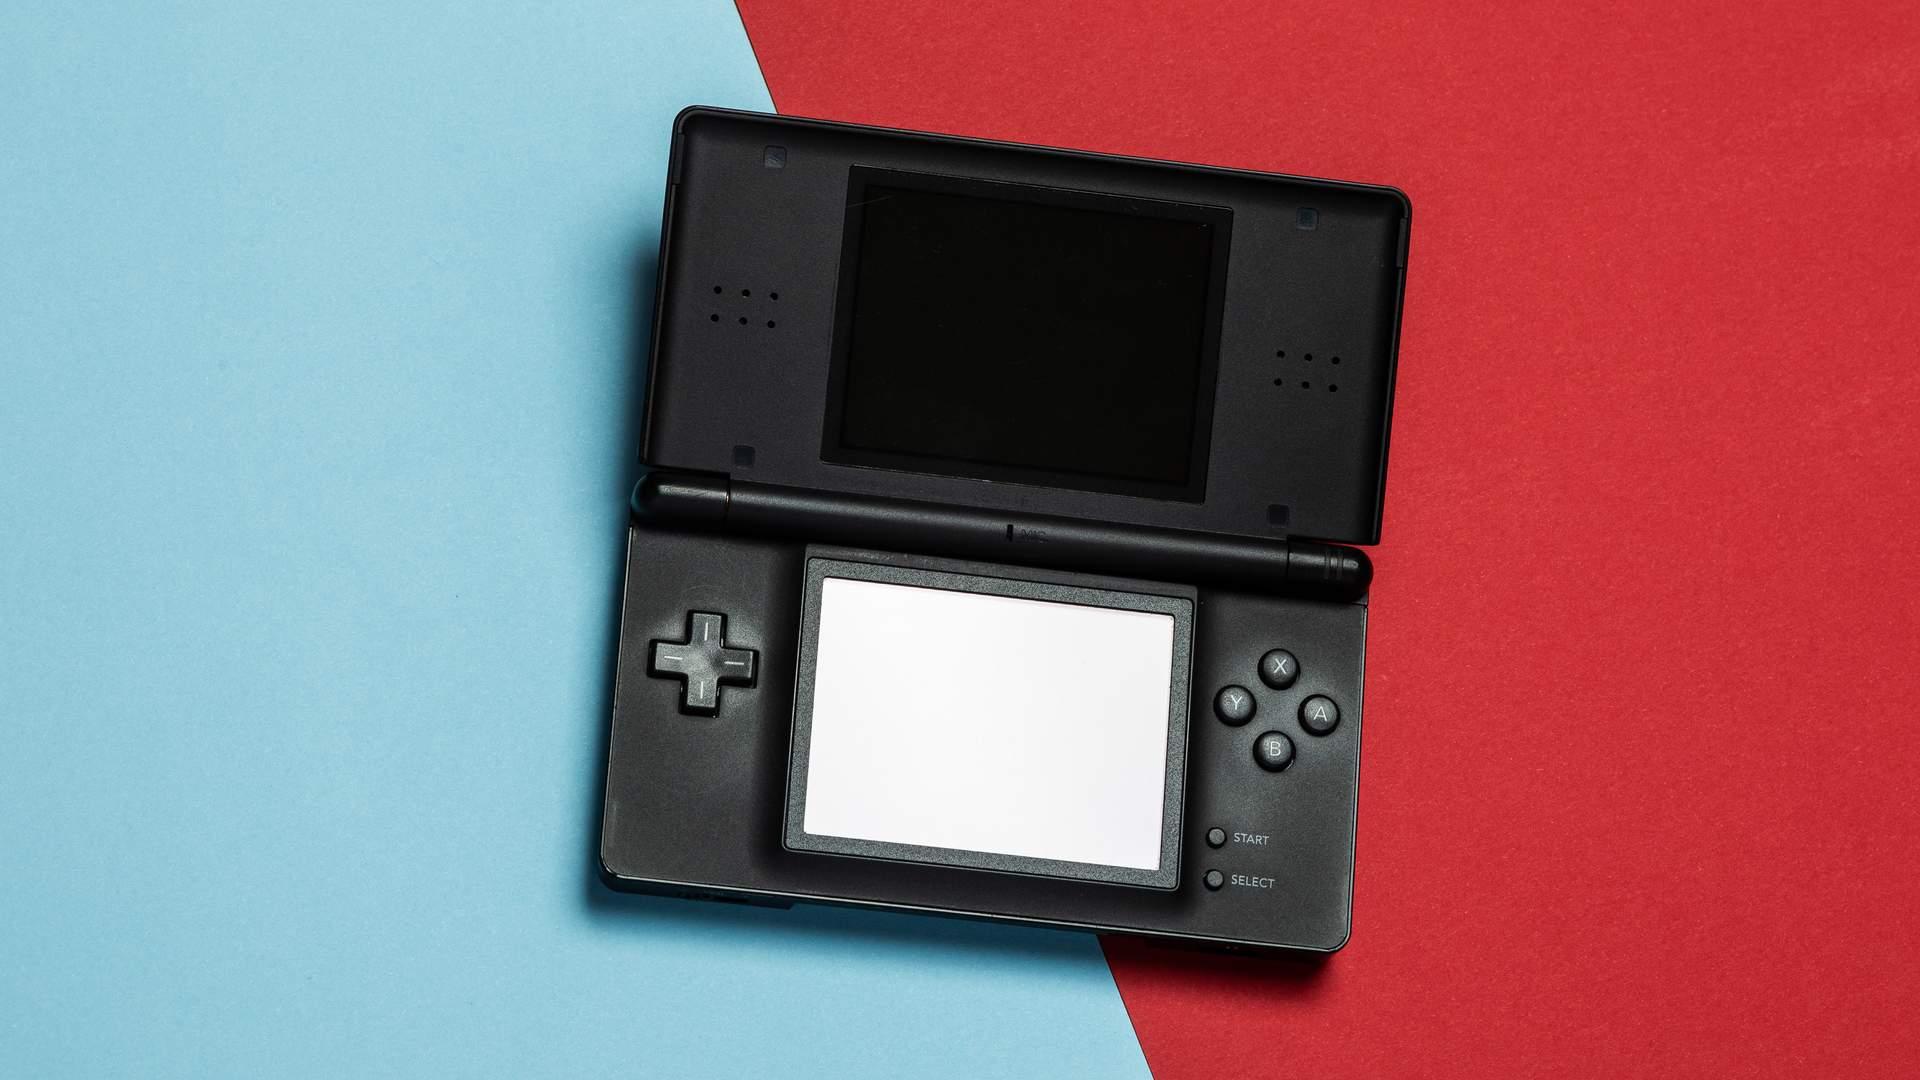 O Nintendo DS já tem idade, mas não deixou o post de segundo videogame mais vendido do mundo (Fonte:Shutterstock/Stas Knop)